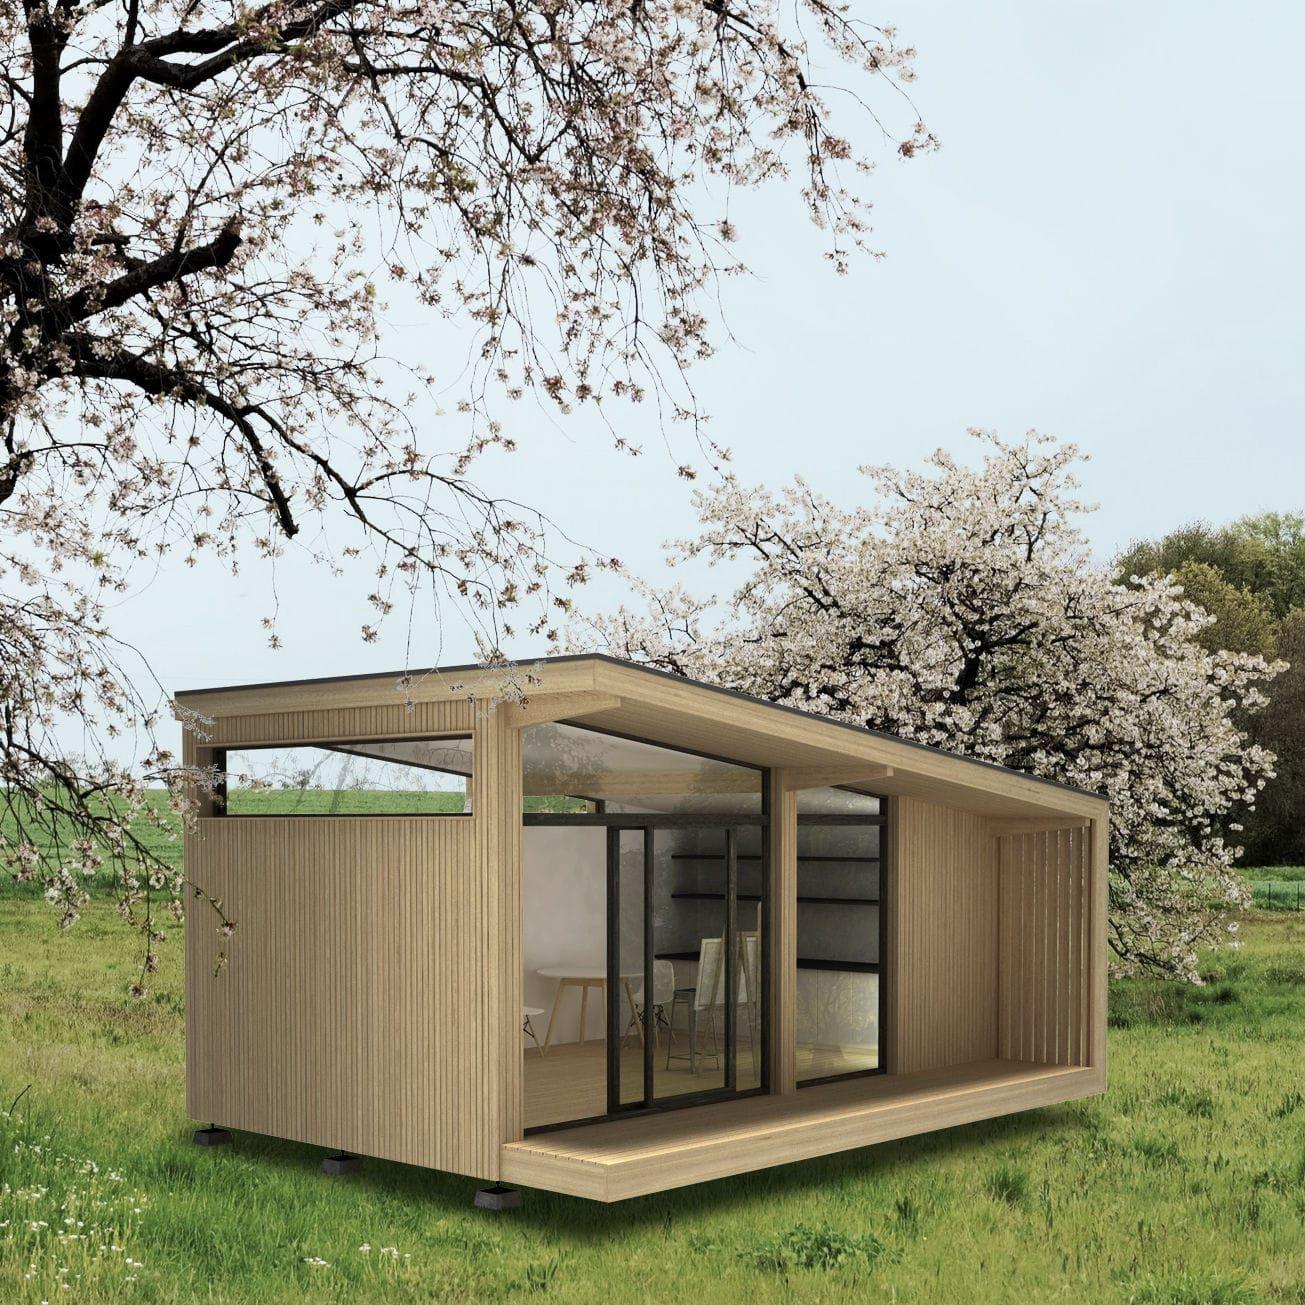 Micro maison modulaire design ossature bois de plain pied cabane piknik